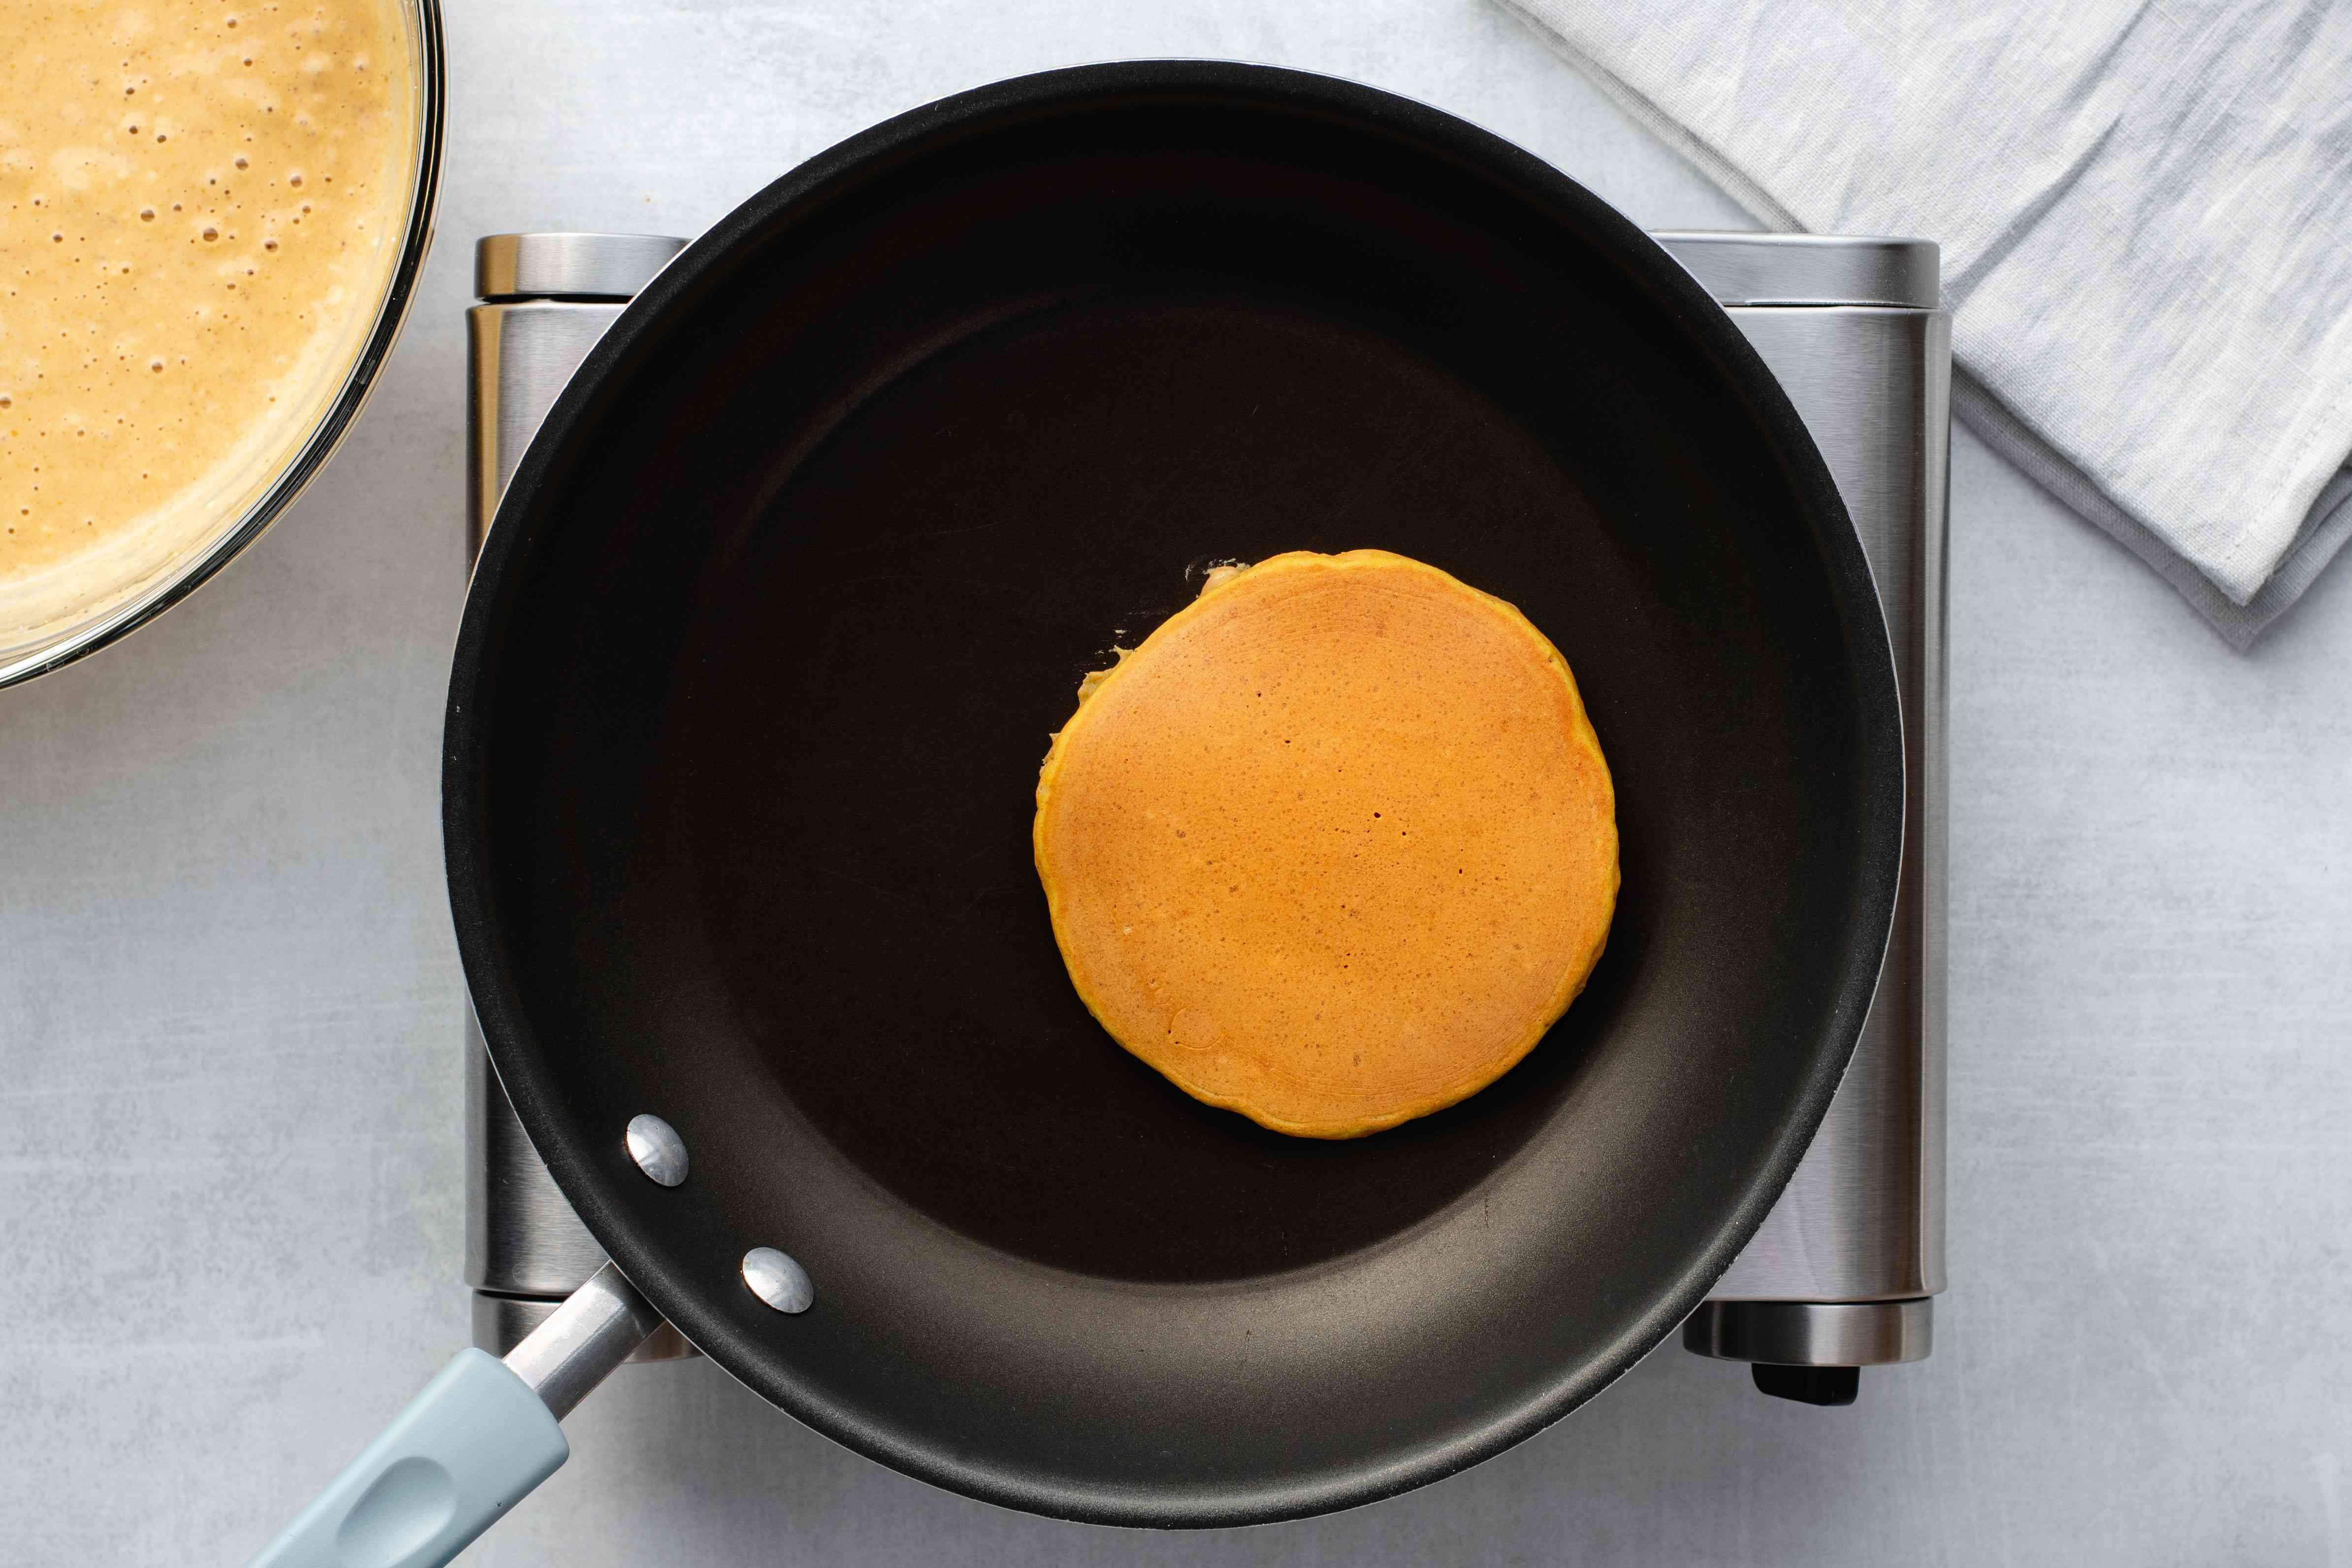 Pumpkin pancake cooking in the pan